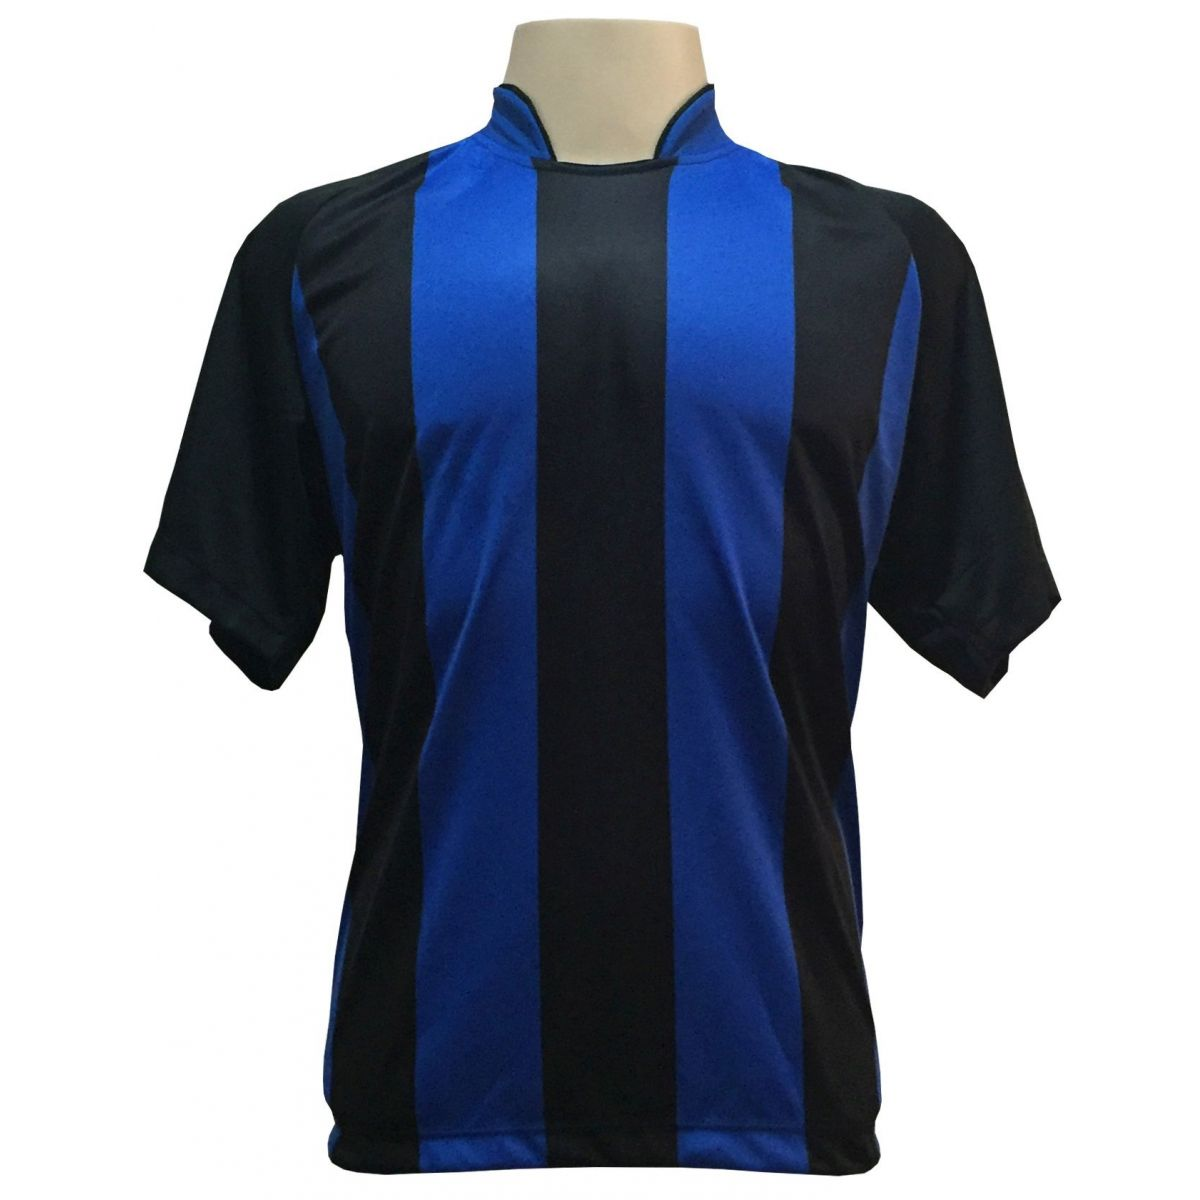 Uniforme Esportivo com 20 camisas modelo Milan Preto/Royal + 20 calções modelo Madrid Royal + 20 pares de meiões Preto